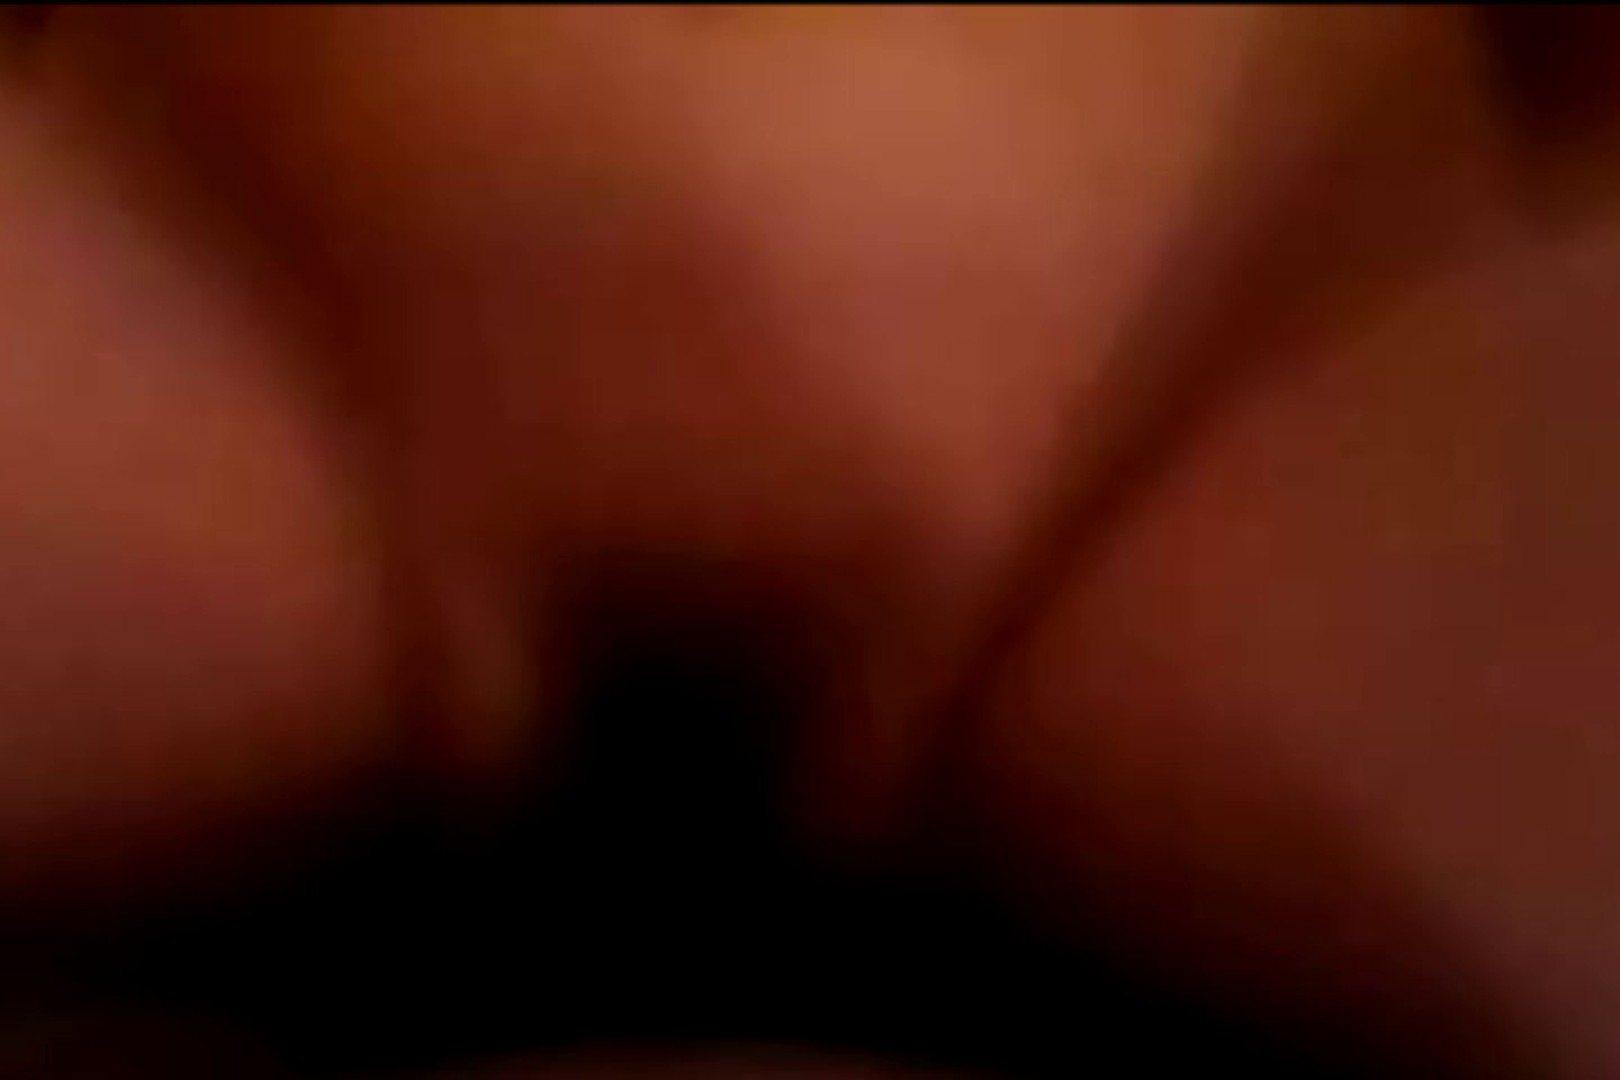 仁義なきキンタマ YAMAMOTOのアルバム フェラチオ映像  100pic 100